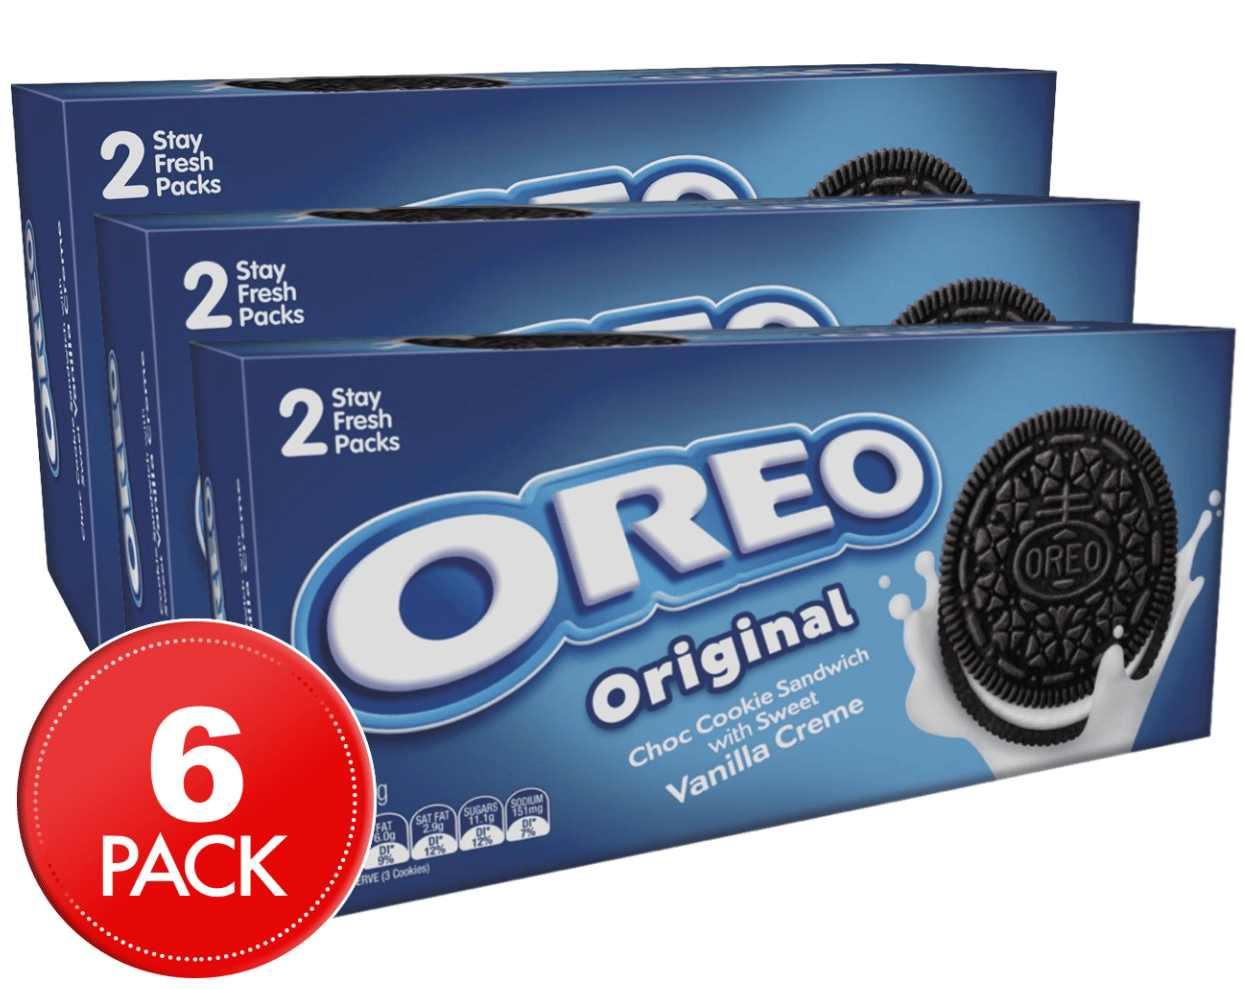 6 Oreo Cookie Original 274g